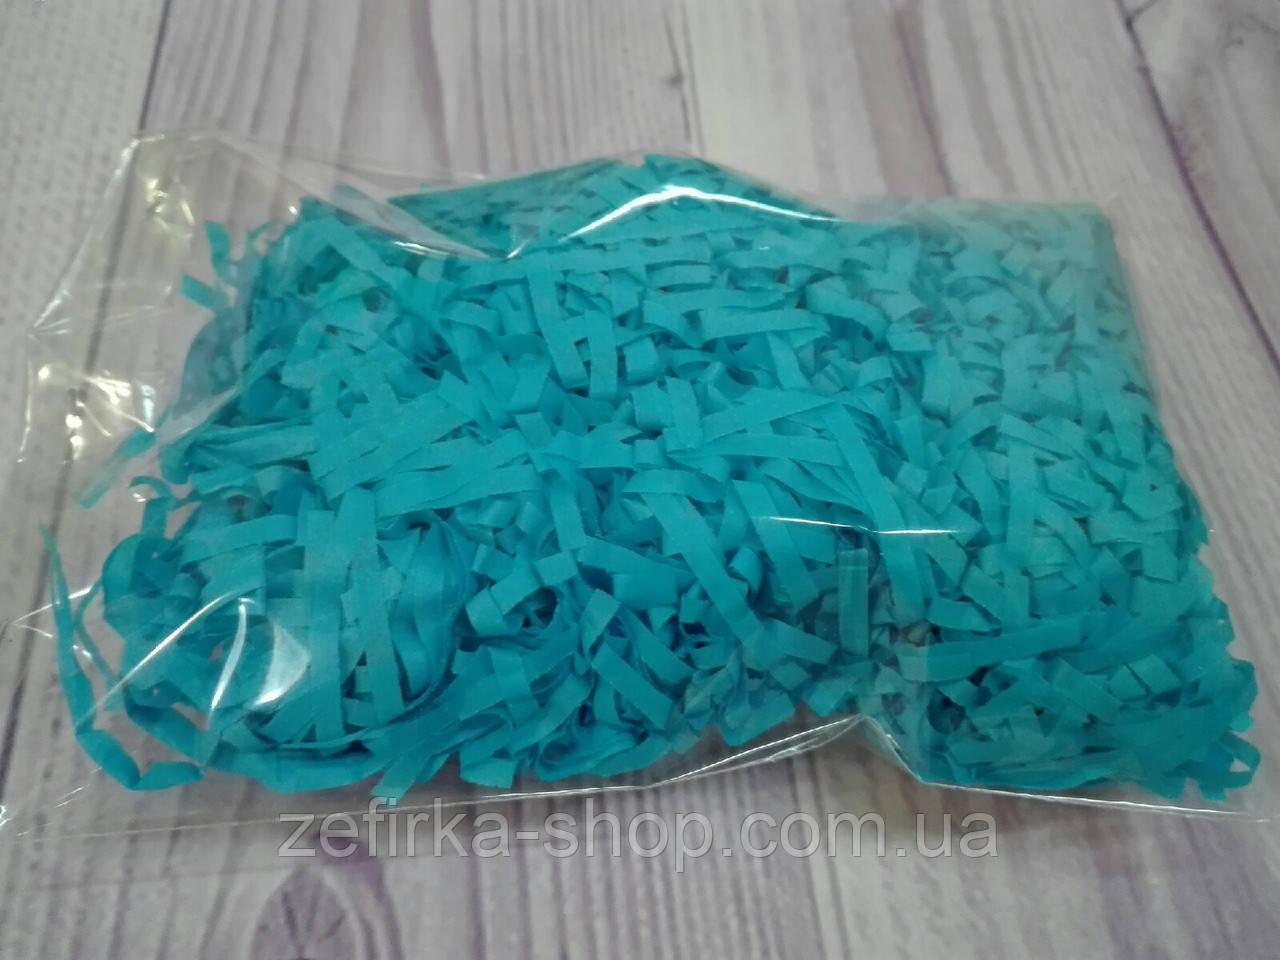 Бумажный наполнитель для коробки, цвет голубой